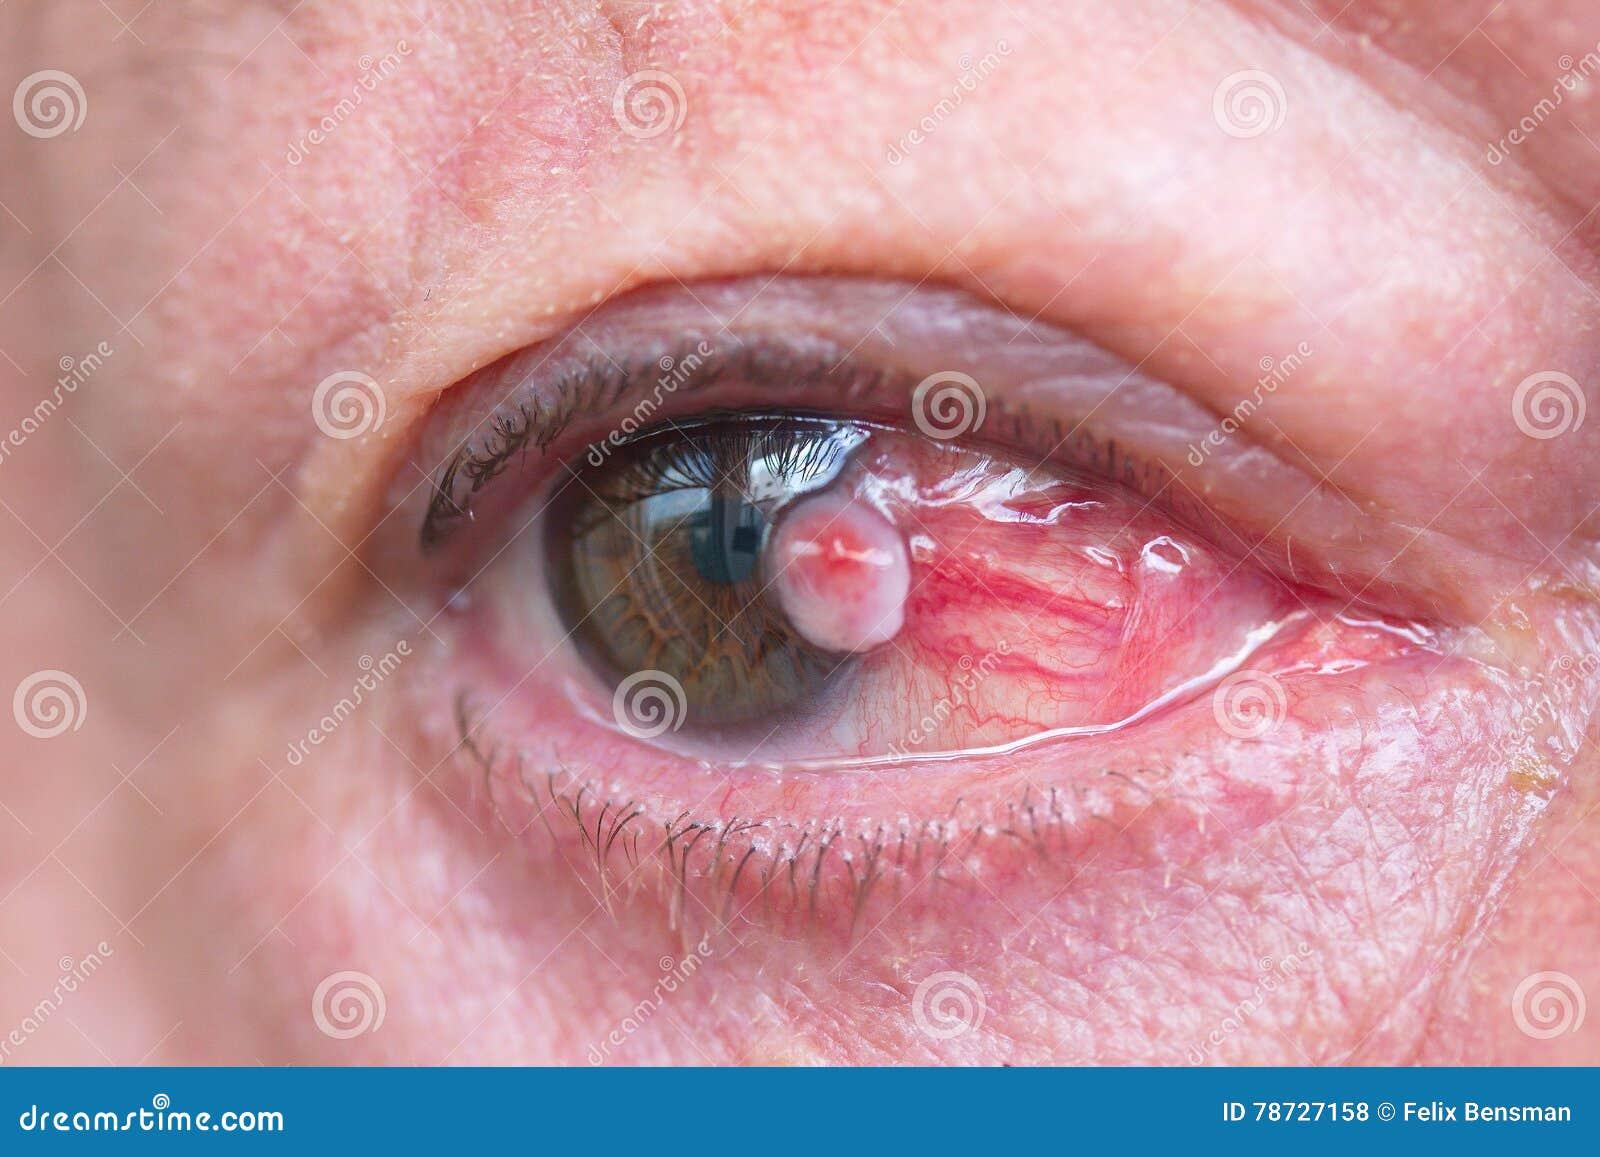 关闭内眼膜扁平上皮癌